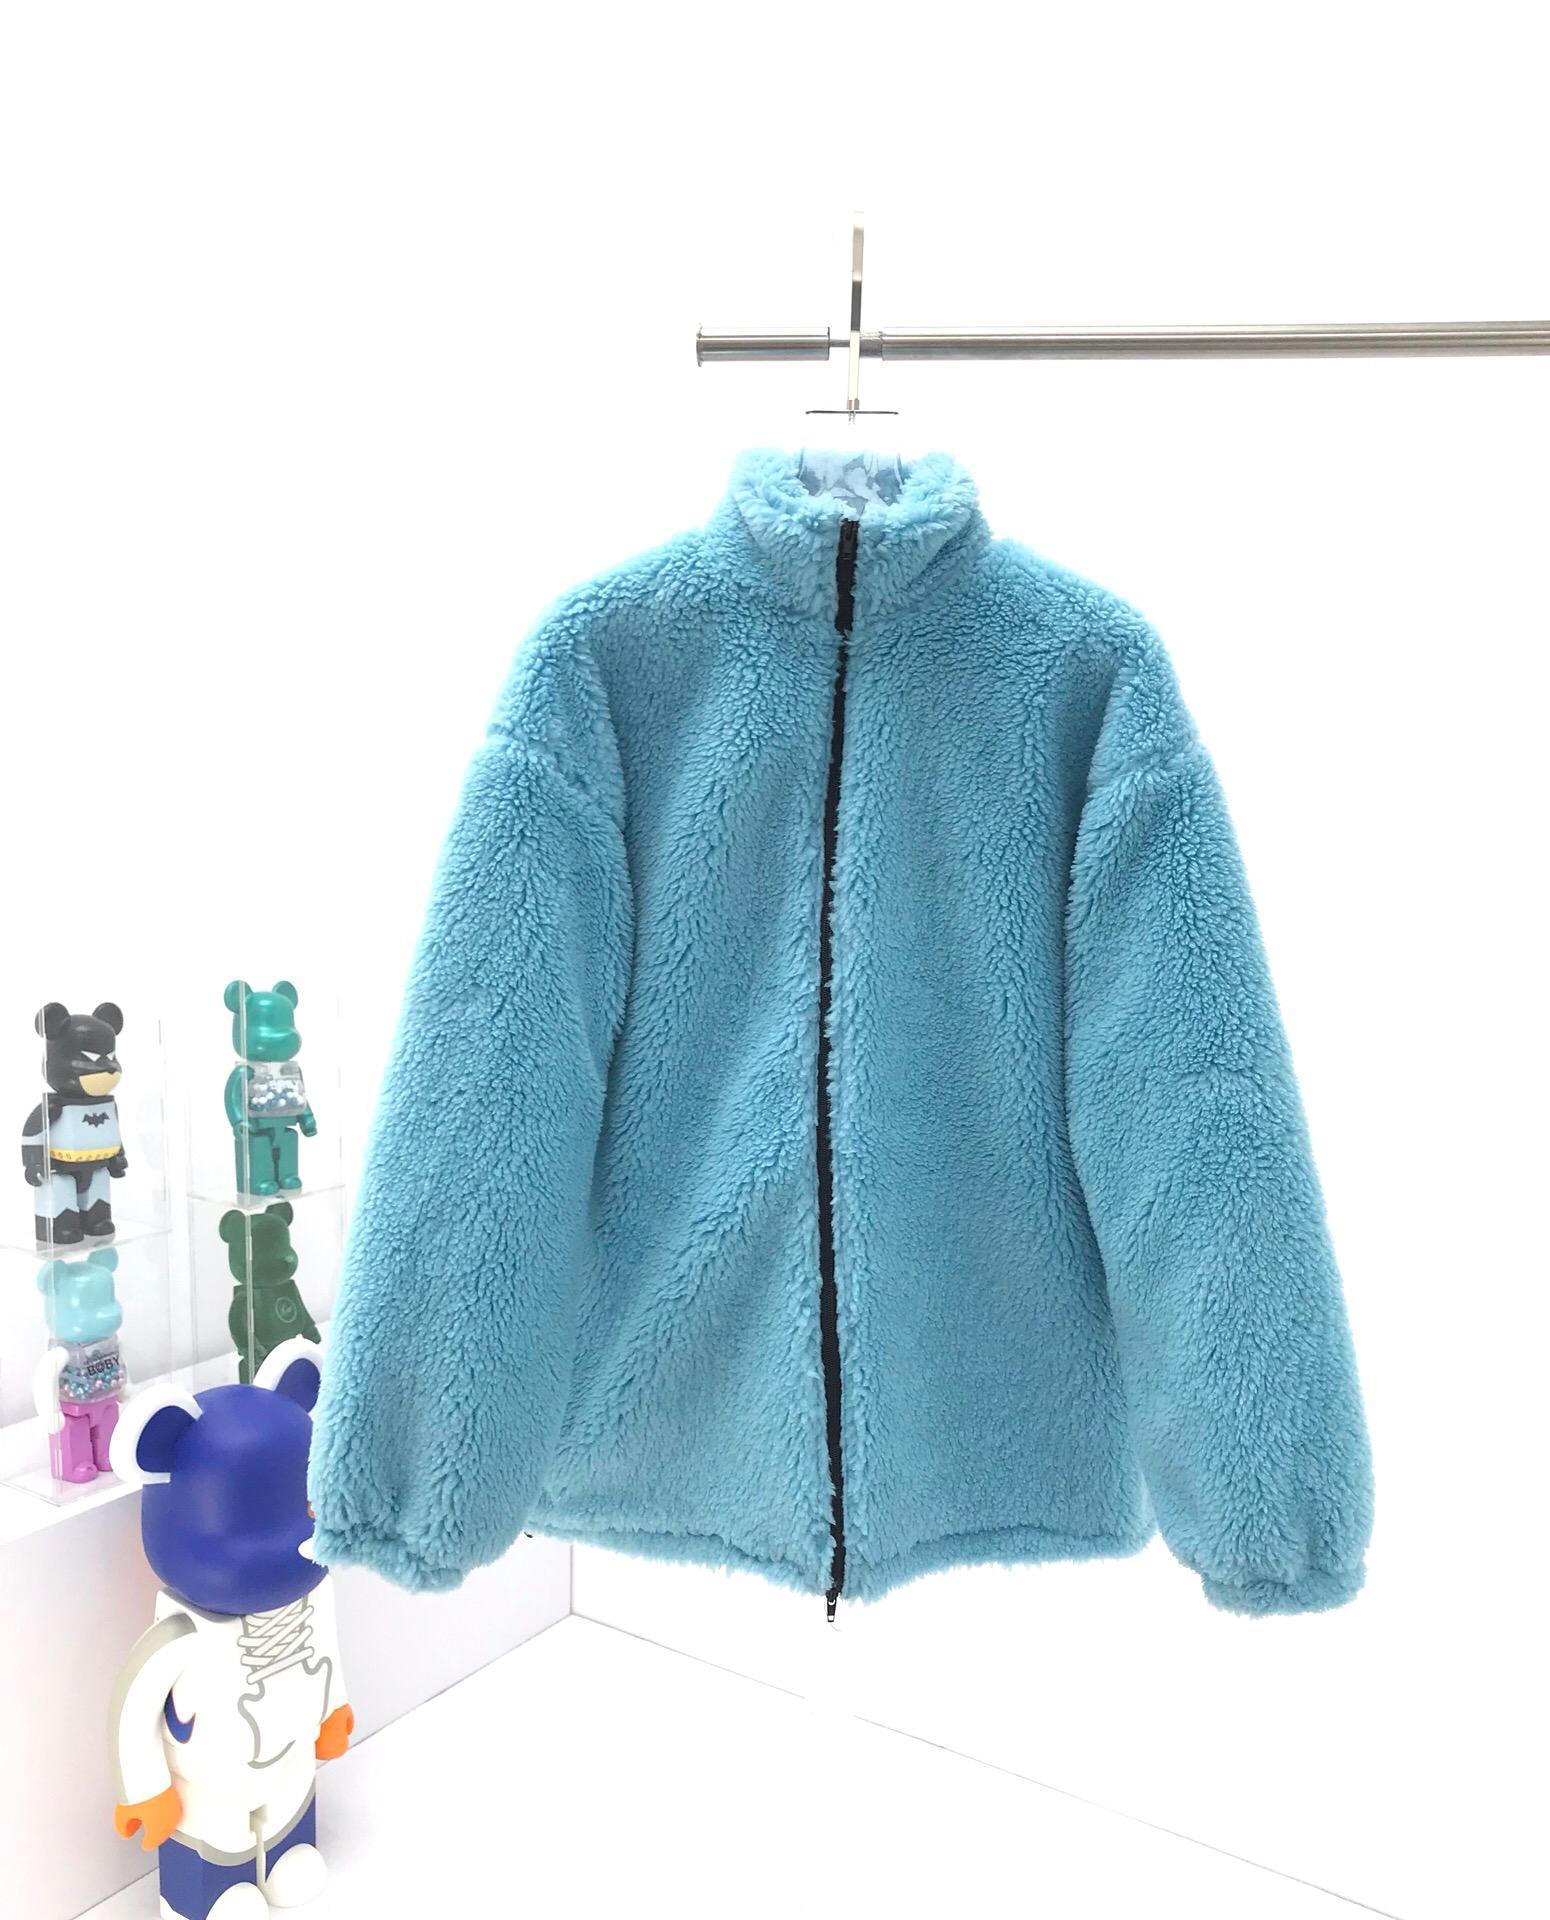 2020 последней моде голубой шерсти куртка Негабаритные теплая куртка мужчины и женщины Шерсть Толстые Padded Jacket Trend Личность Streetwear